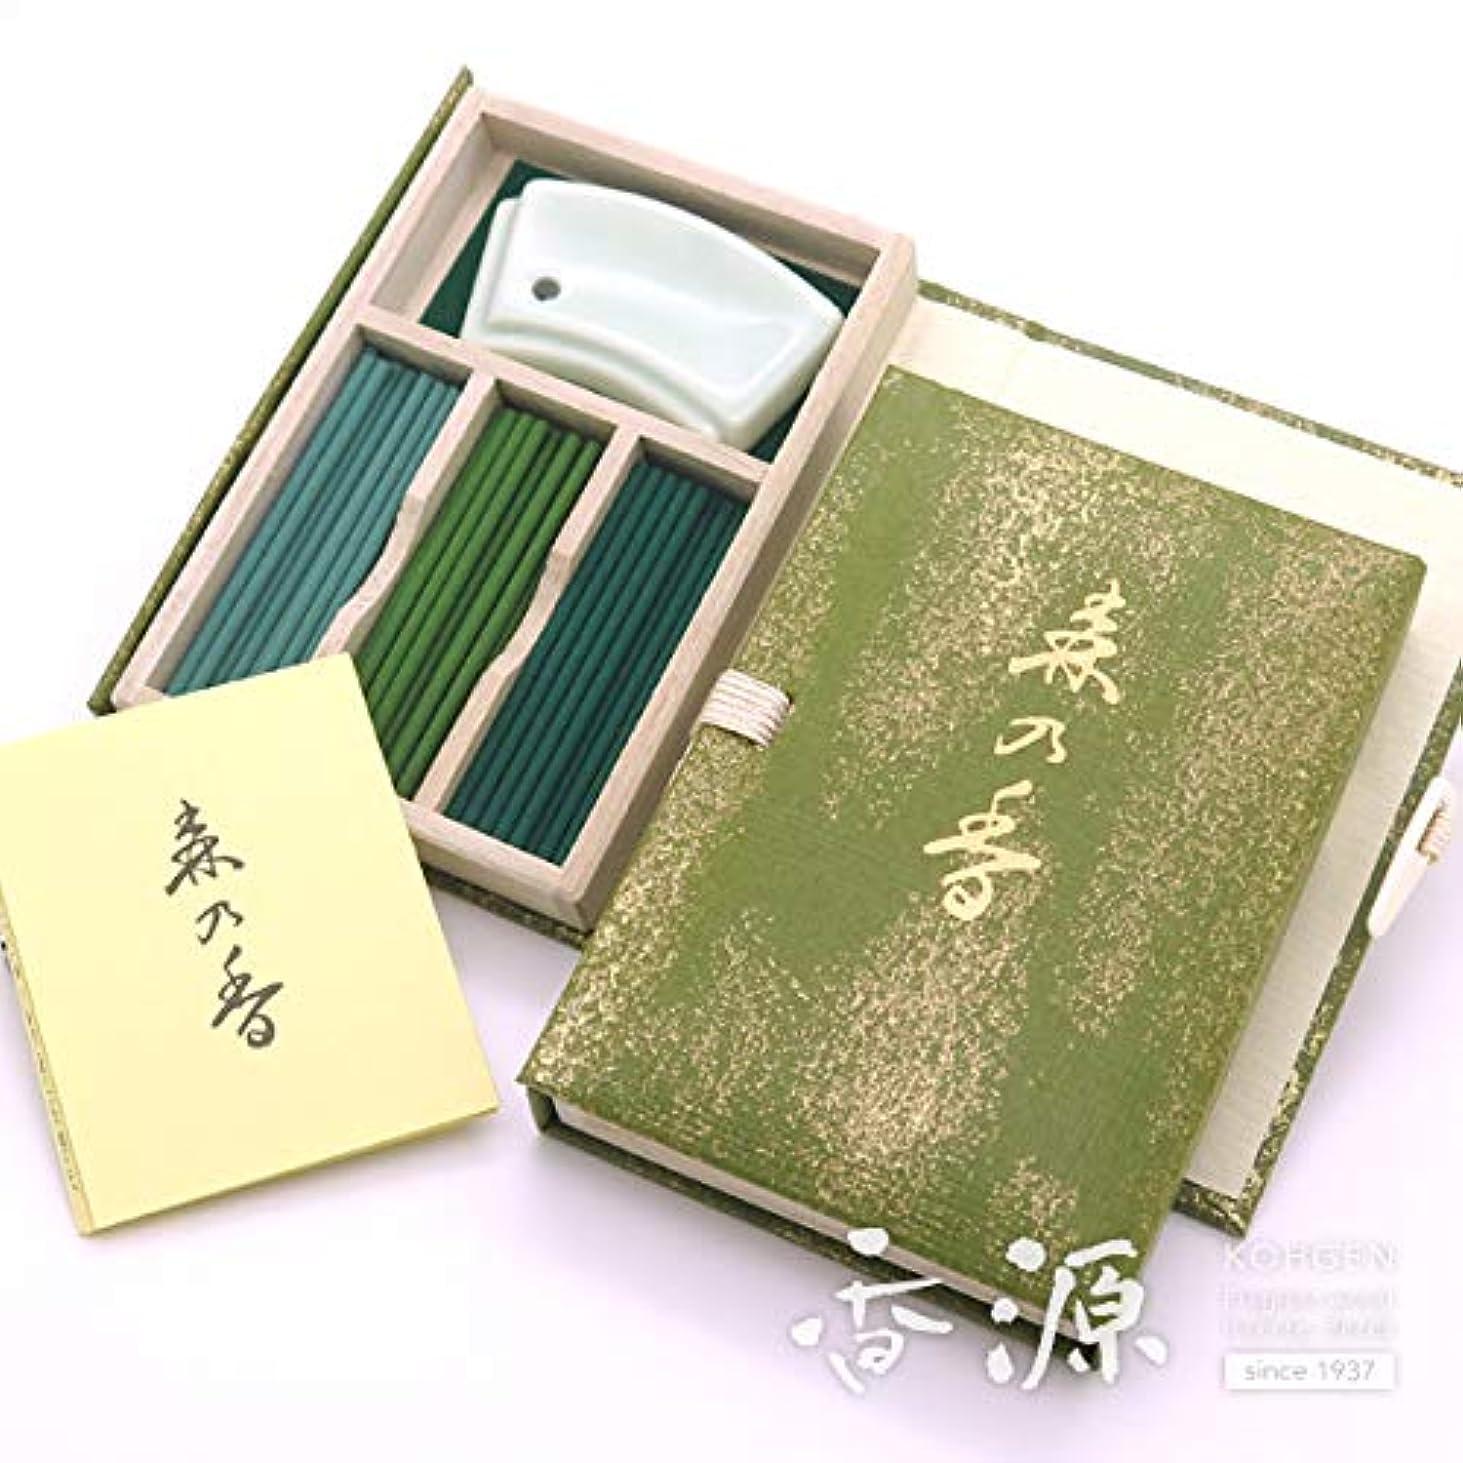 暗殺ボイラー散文日本香堂のお香 森の香 スティックミニ寸文庫型 60本入り